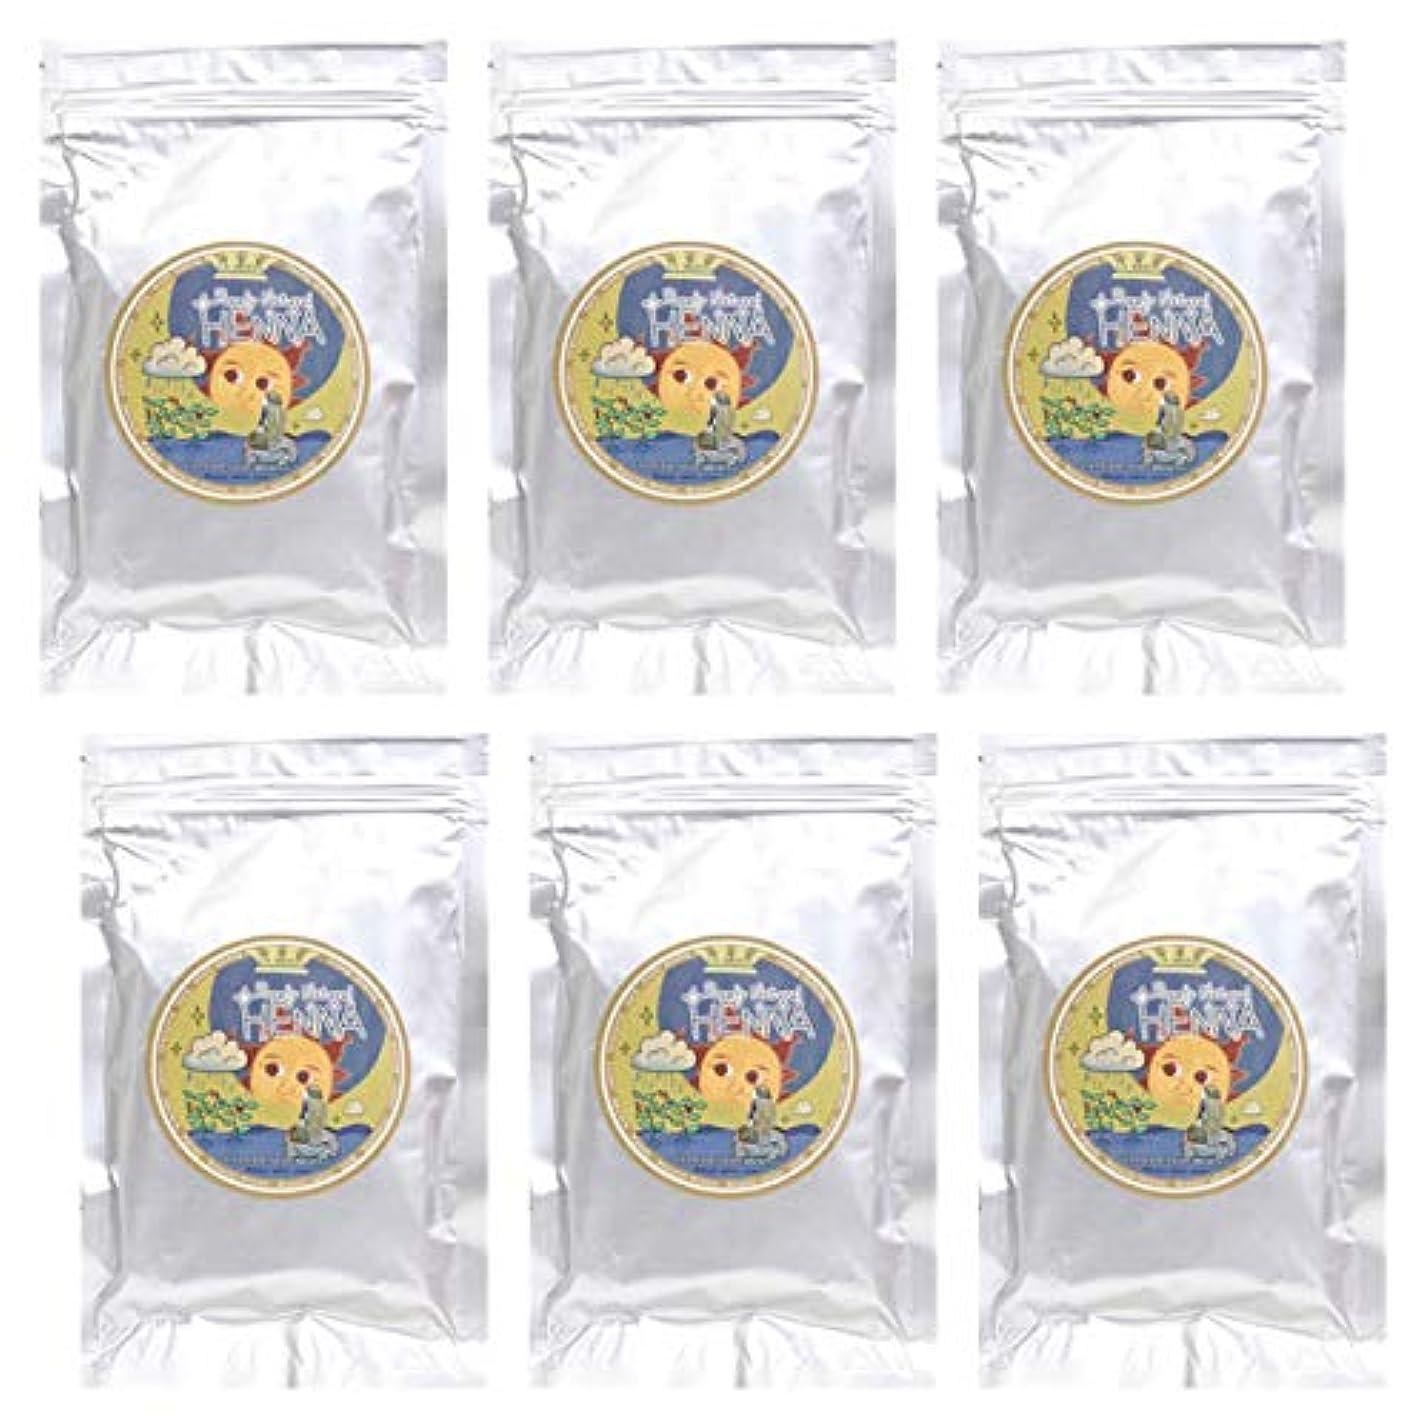 砂漠本気毒ラムーンヘナ ナチュラル ヘナ 100g×6袋セット (ナチュラルライトブラウン【6袋】)